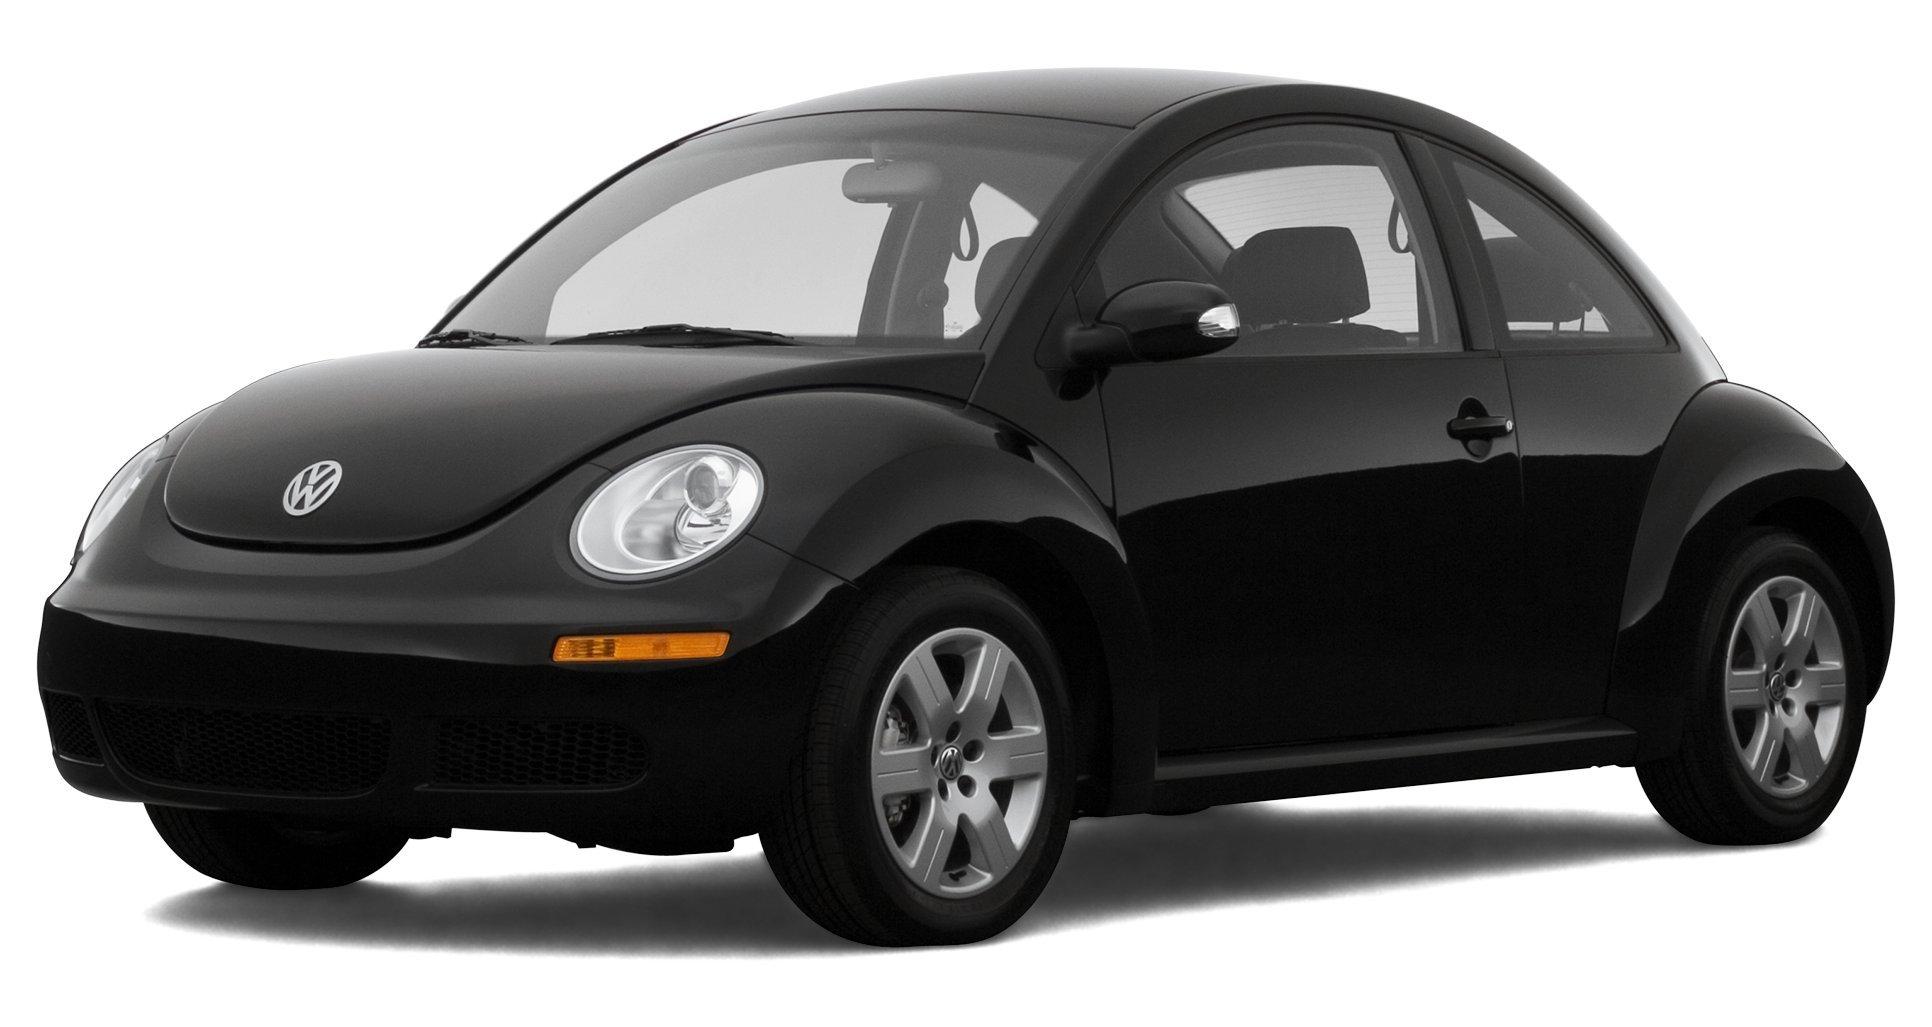 ... 2007 Volkswagen Beetle, 2-Door Automatic Transmission